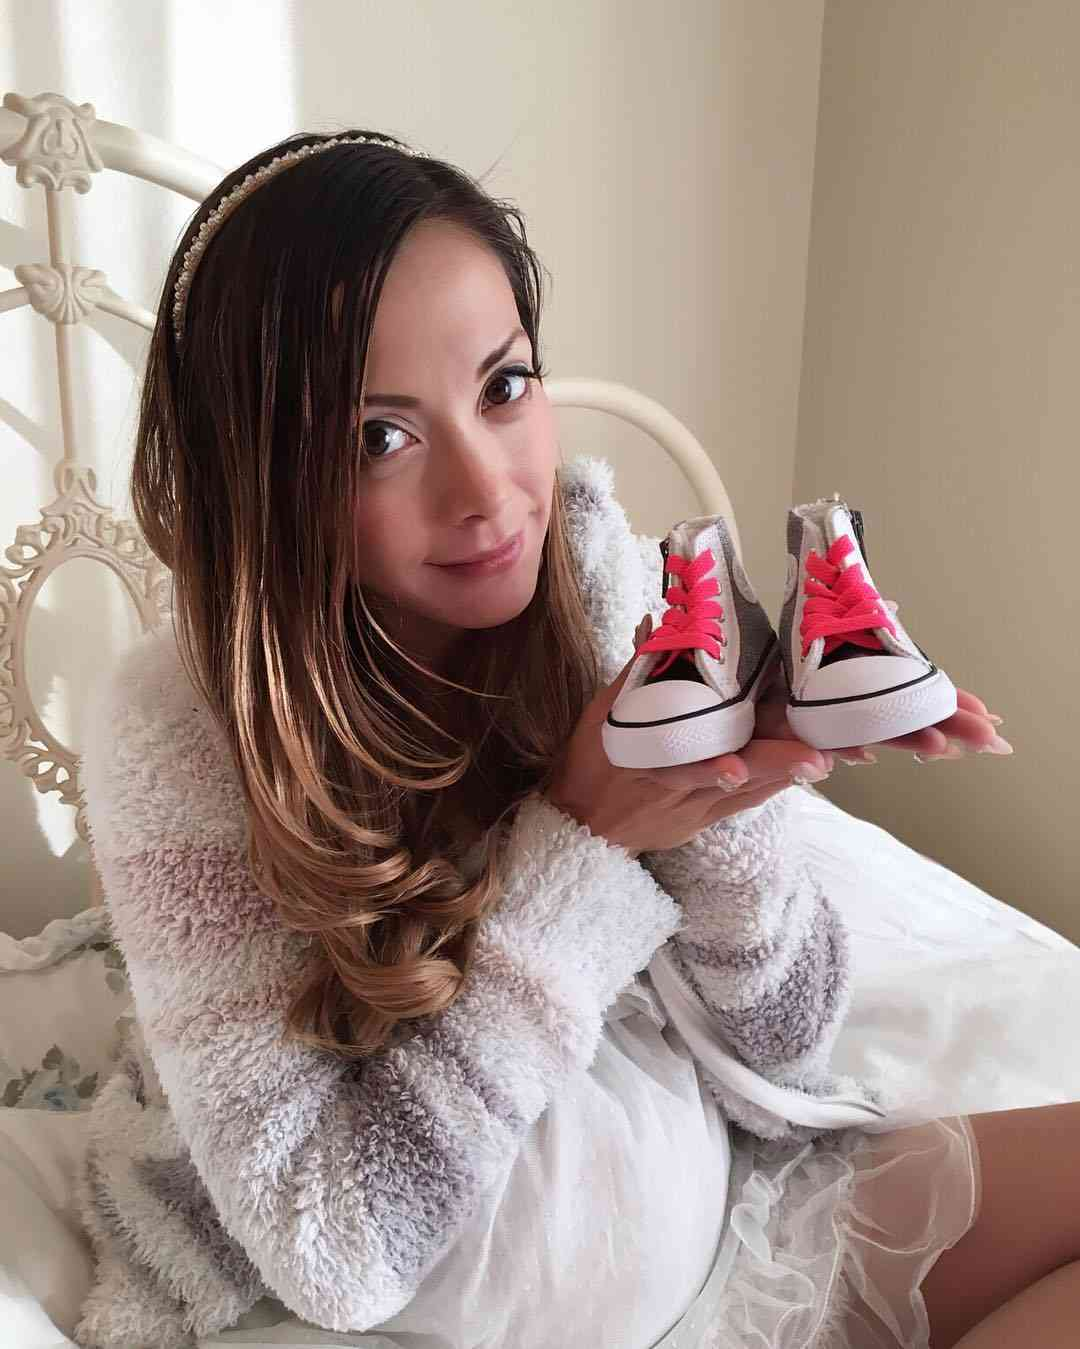 第3子妊娠中の土屋アンナ、大きく膨らんだおなか公開「今にも産まれちゃいそう」